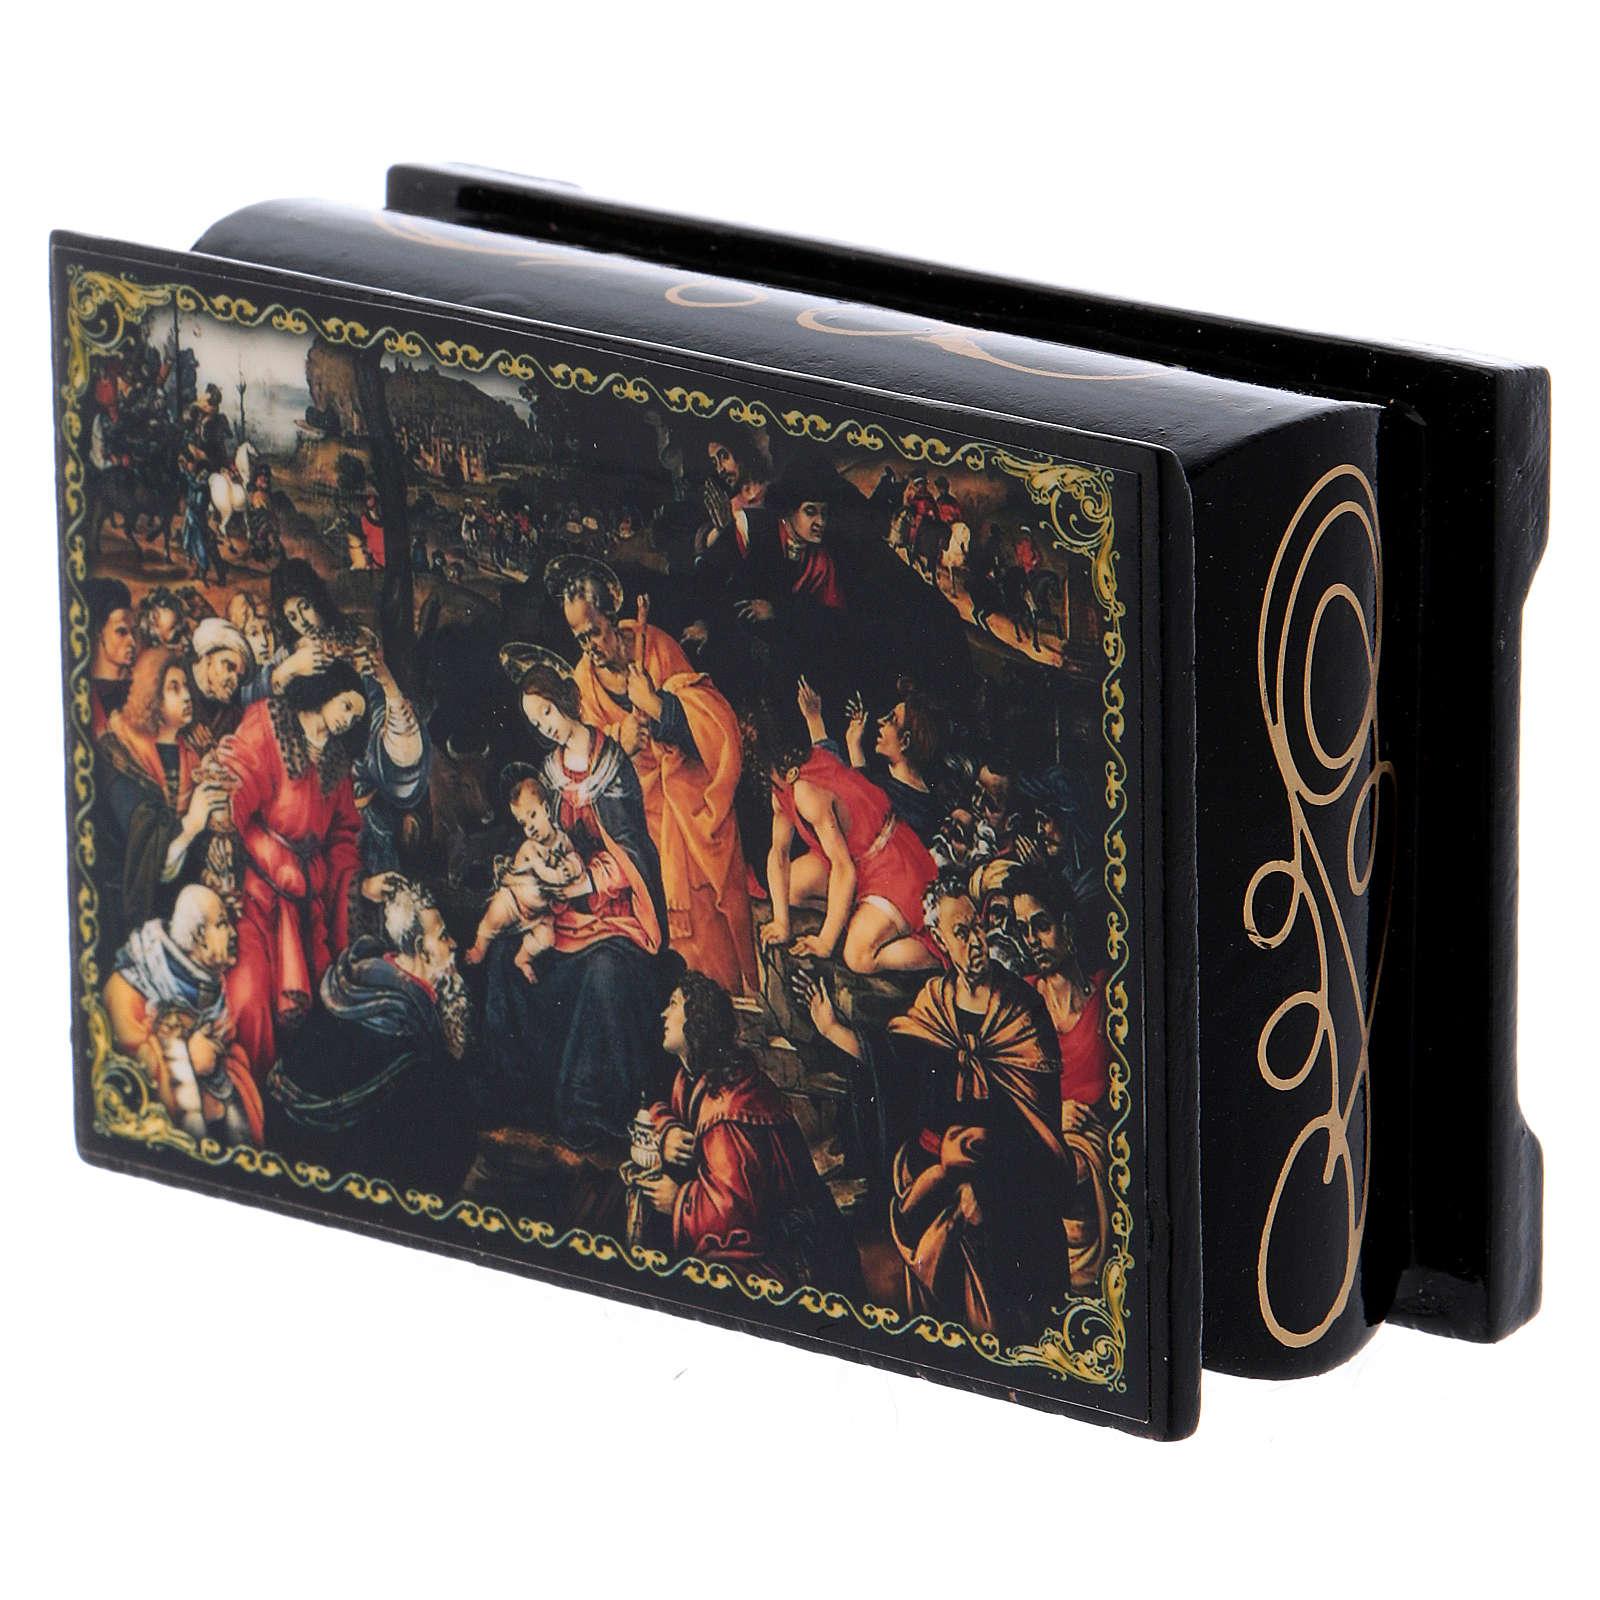 Caixa russa decorada papel-machê Adoração dos Magos 9x6 cm 4